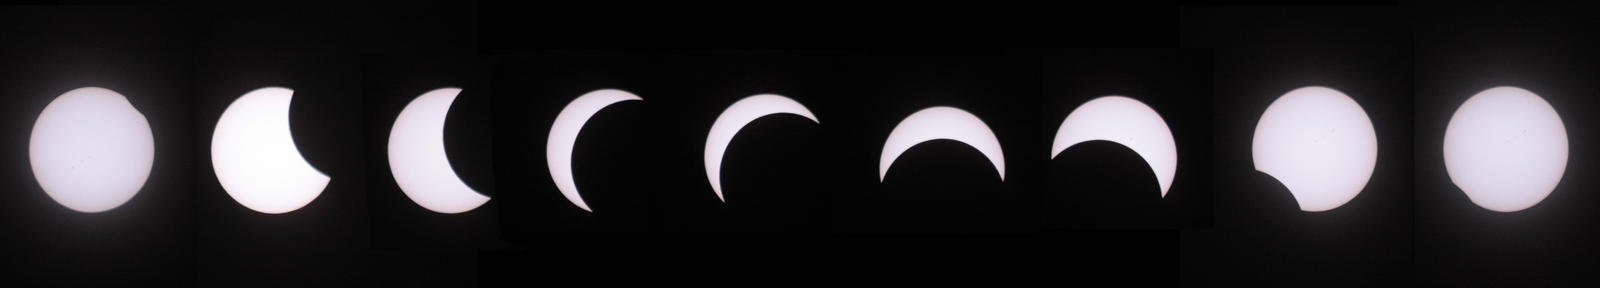 Solar Eclipse 2017 by TommyGK